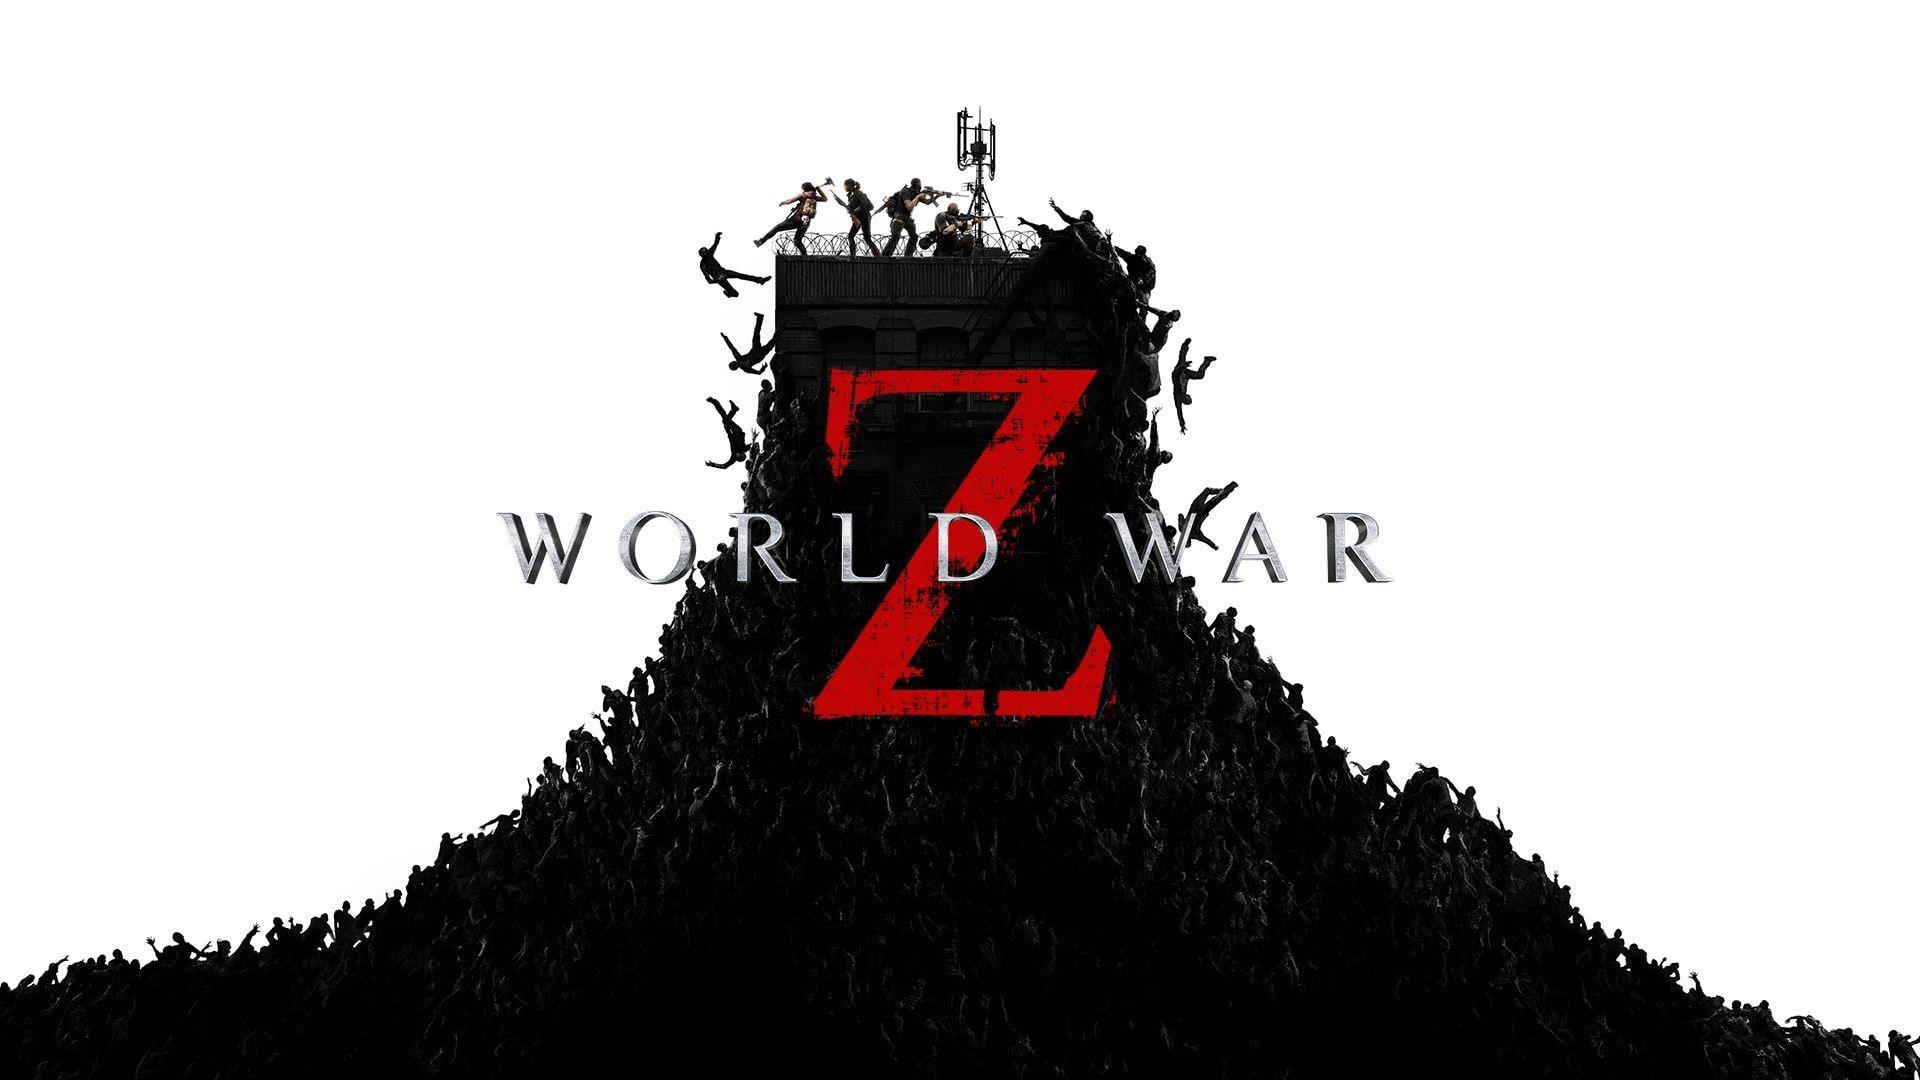 World War Z ramène ses tours de zombies sur Nintendo Switch prochainement